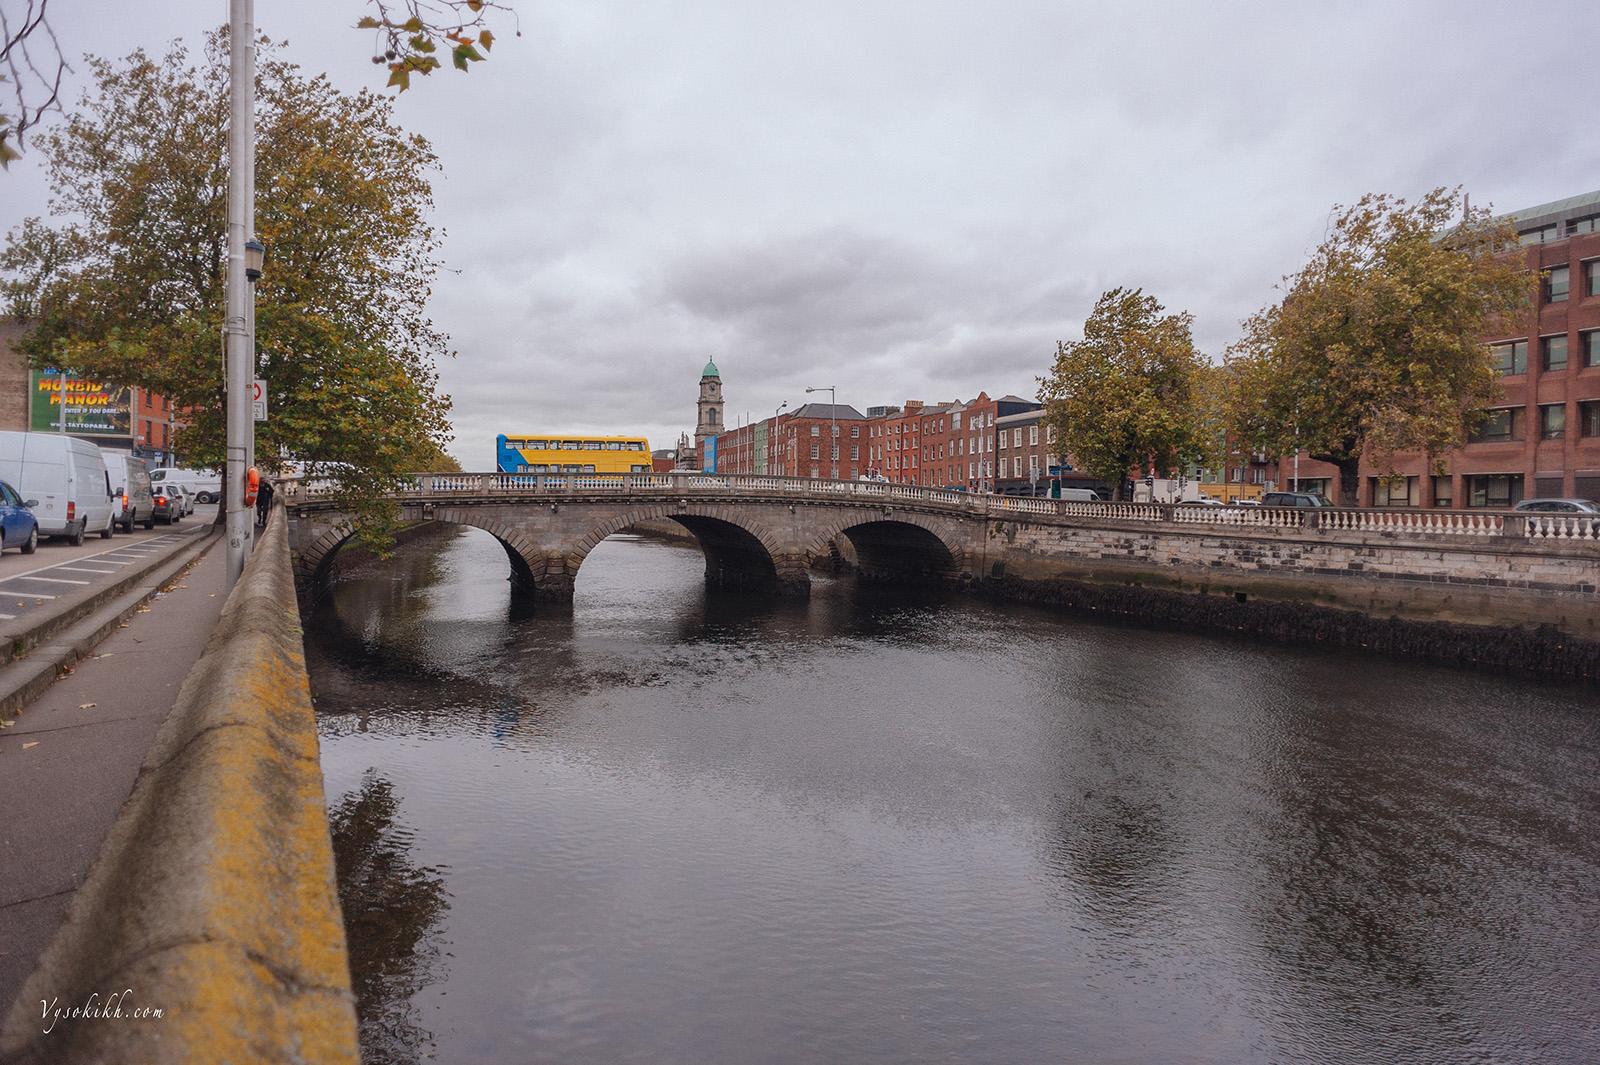 Father Mathew Bridge - мост отца Мэтью через реку Лиффи (Liffey), открыт в 1818 году. Первый предшественник моста был построен на этом месте в 1014 году.